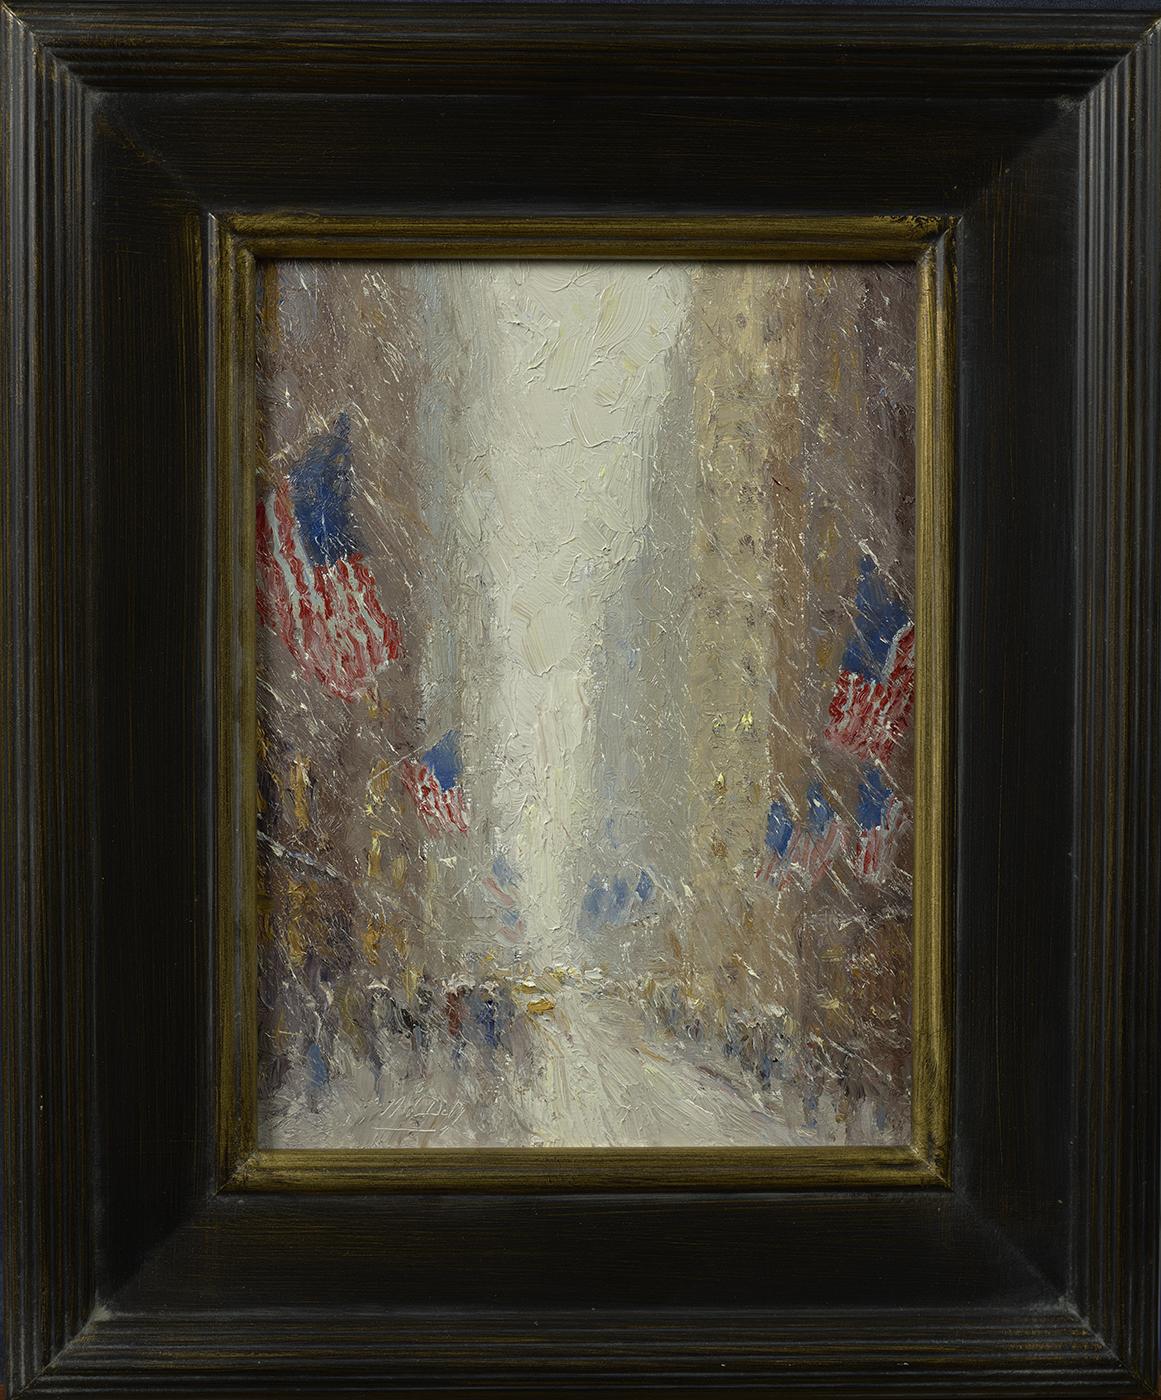 mark_daly_md1066_new_york_winter_flags_framed.jpg